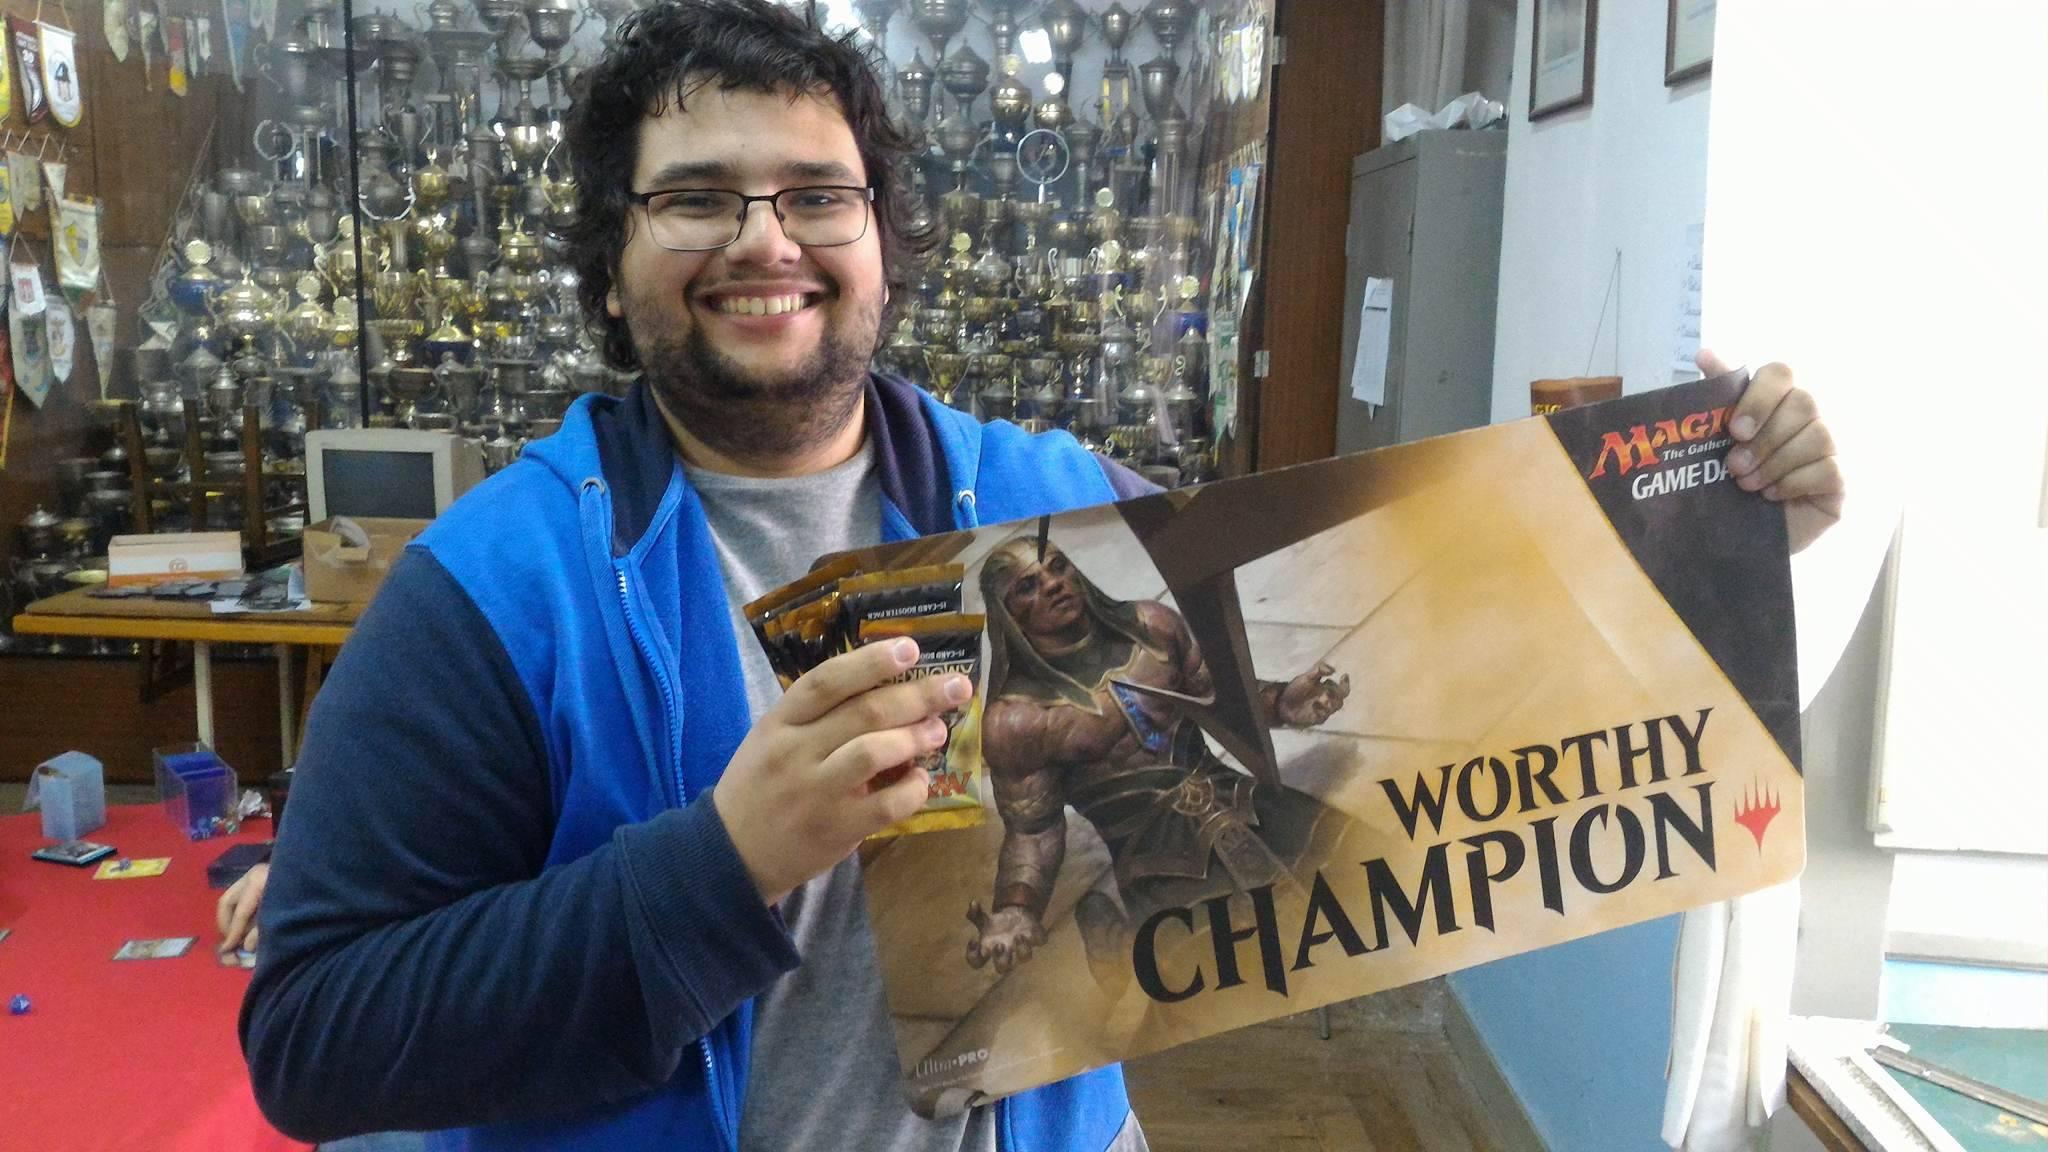 GD AMonlhet Champ 1